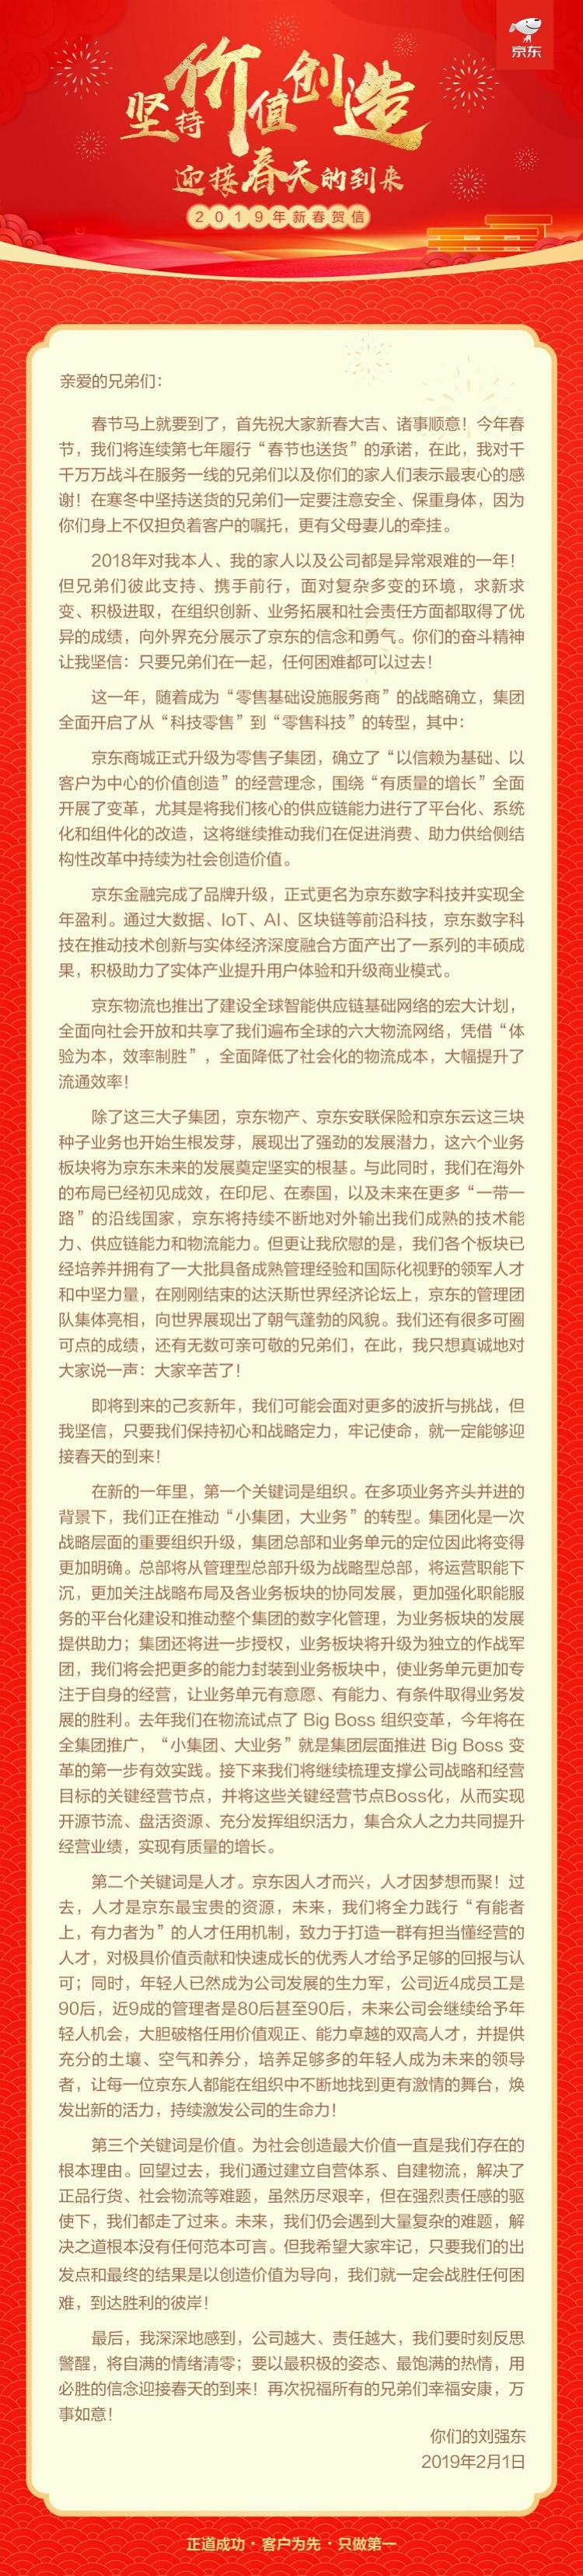 """刘强东发新年贺信:京东从""""科技零售""""到""""零售科技""""转型"""